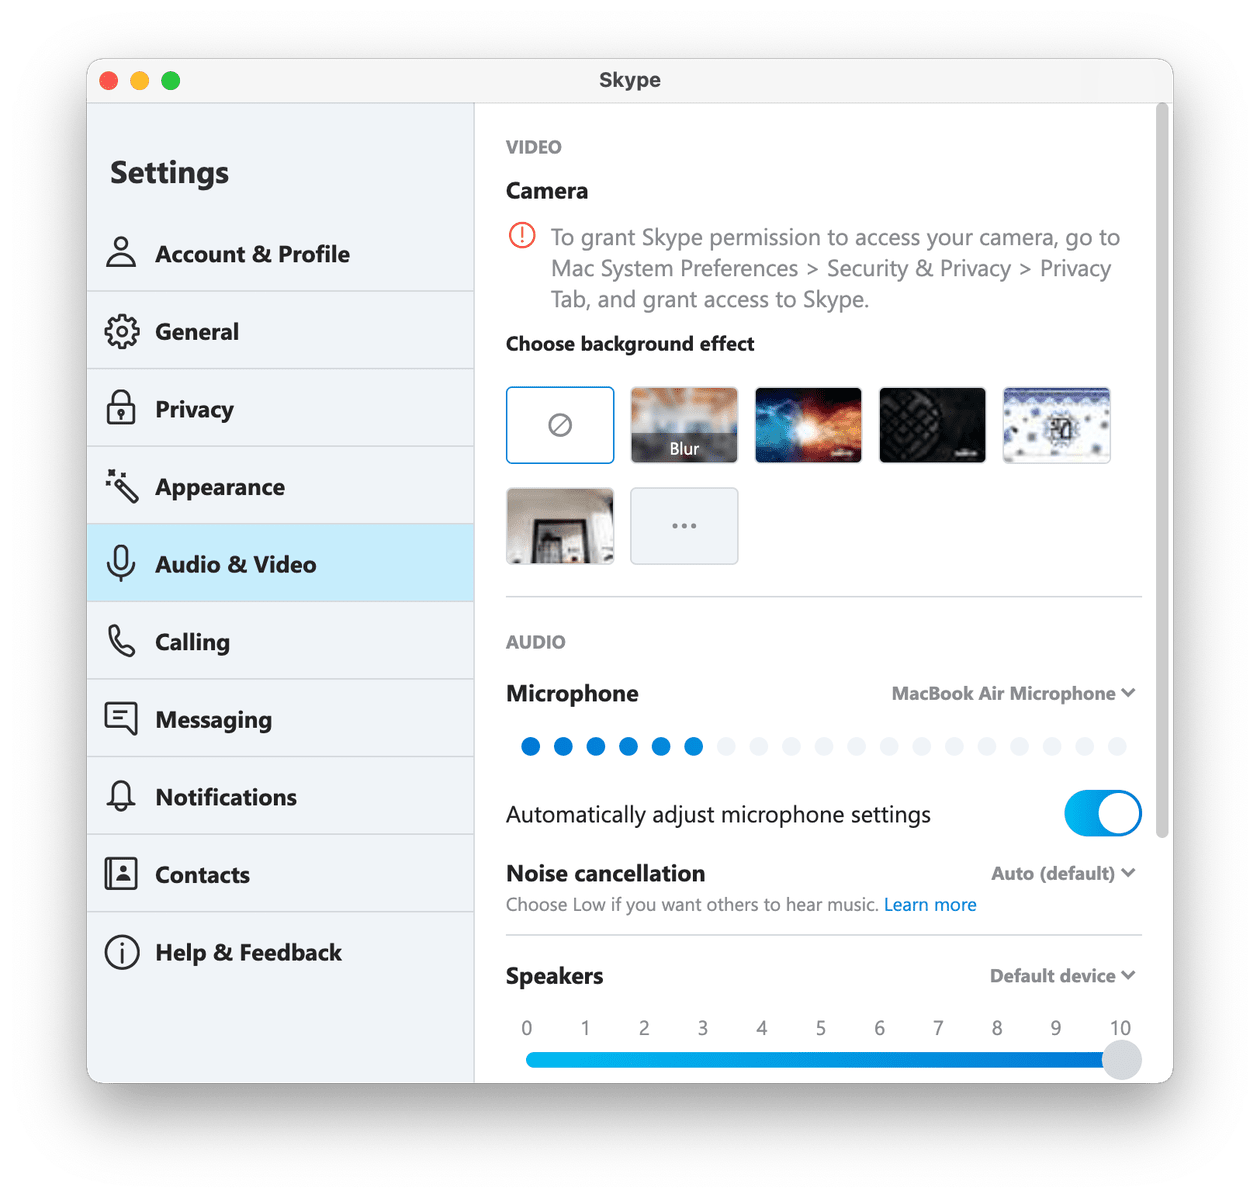 Skype settings